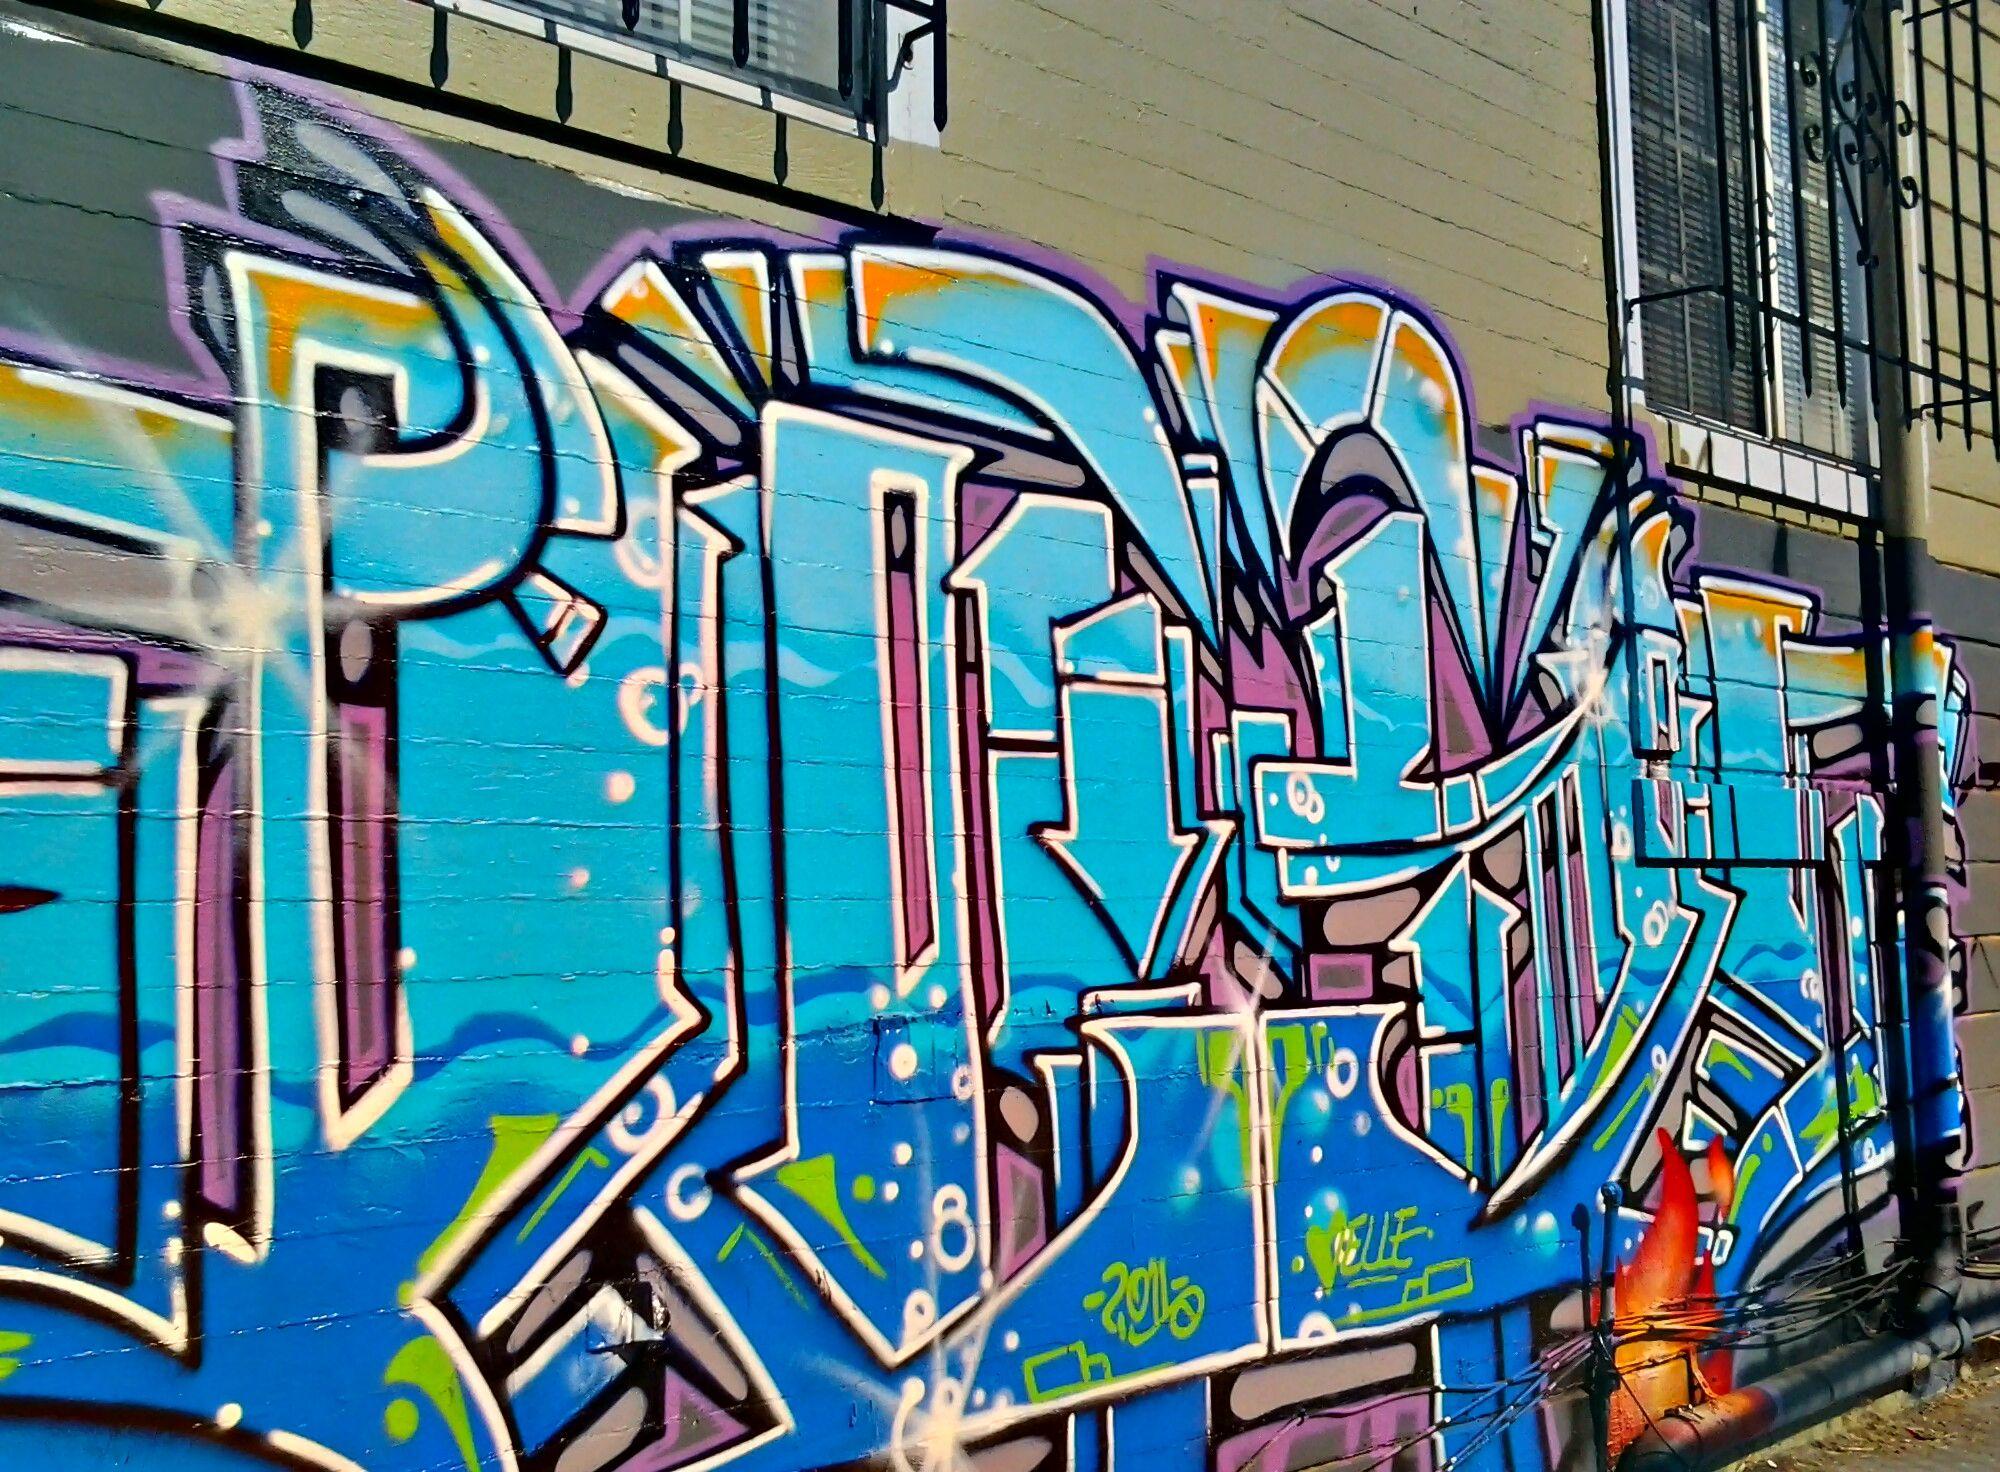 картинки граффити сообщение олега инженер втз